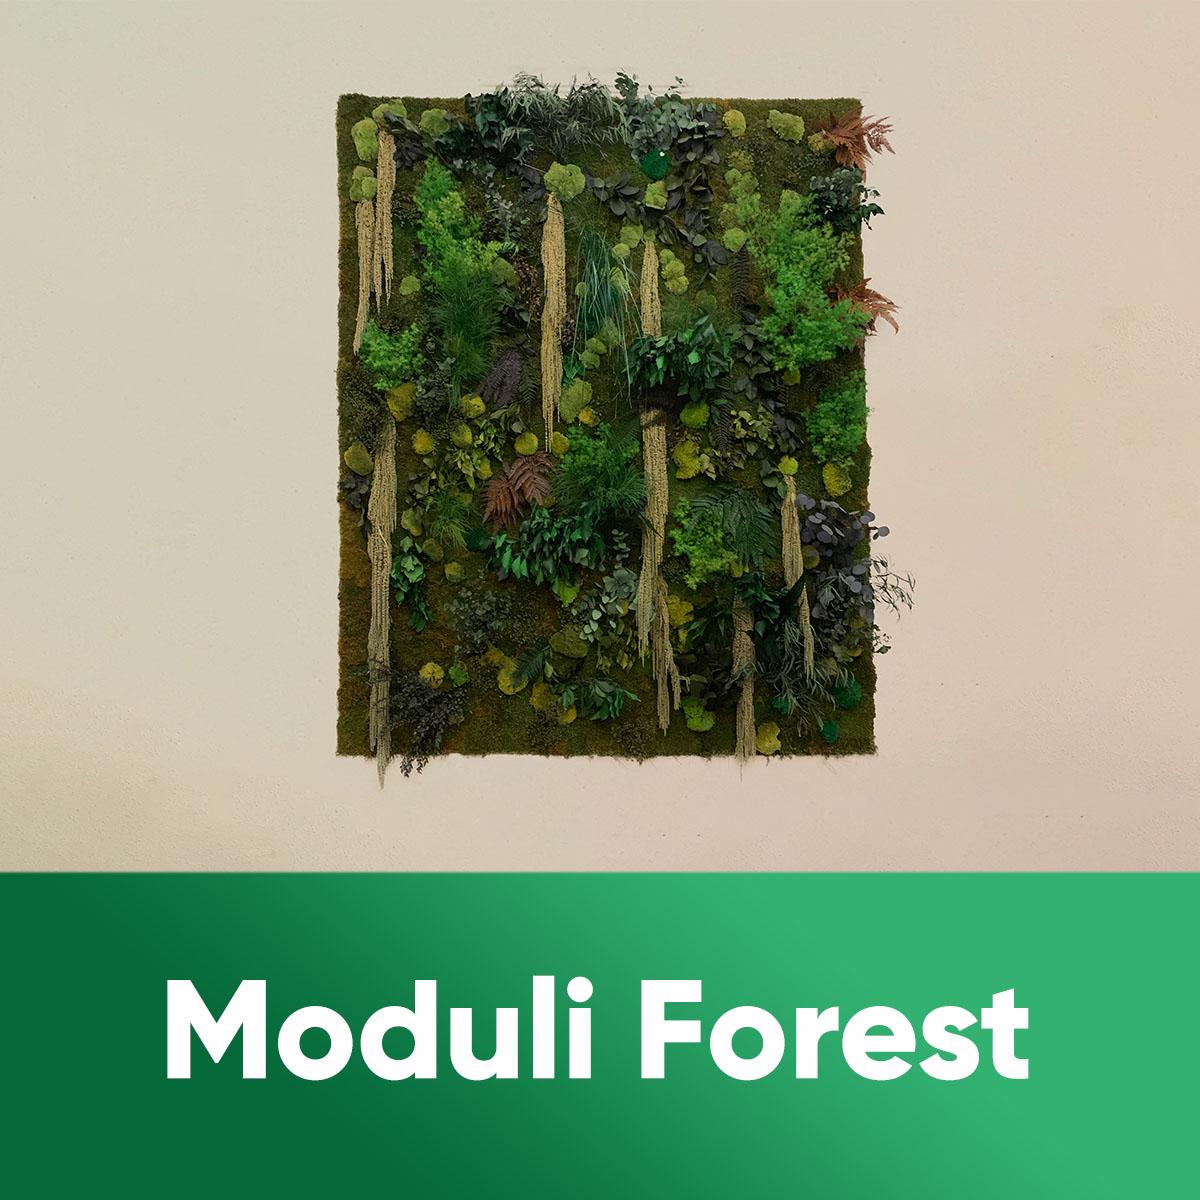 MODULI FOREST